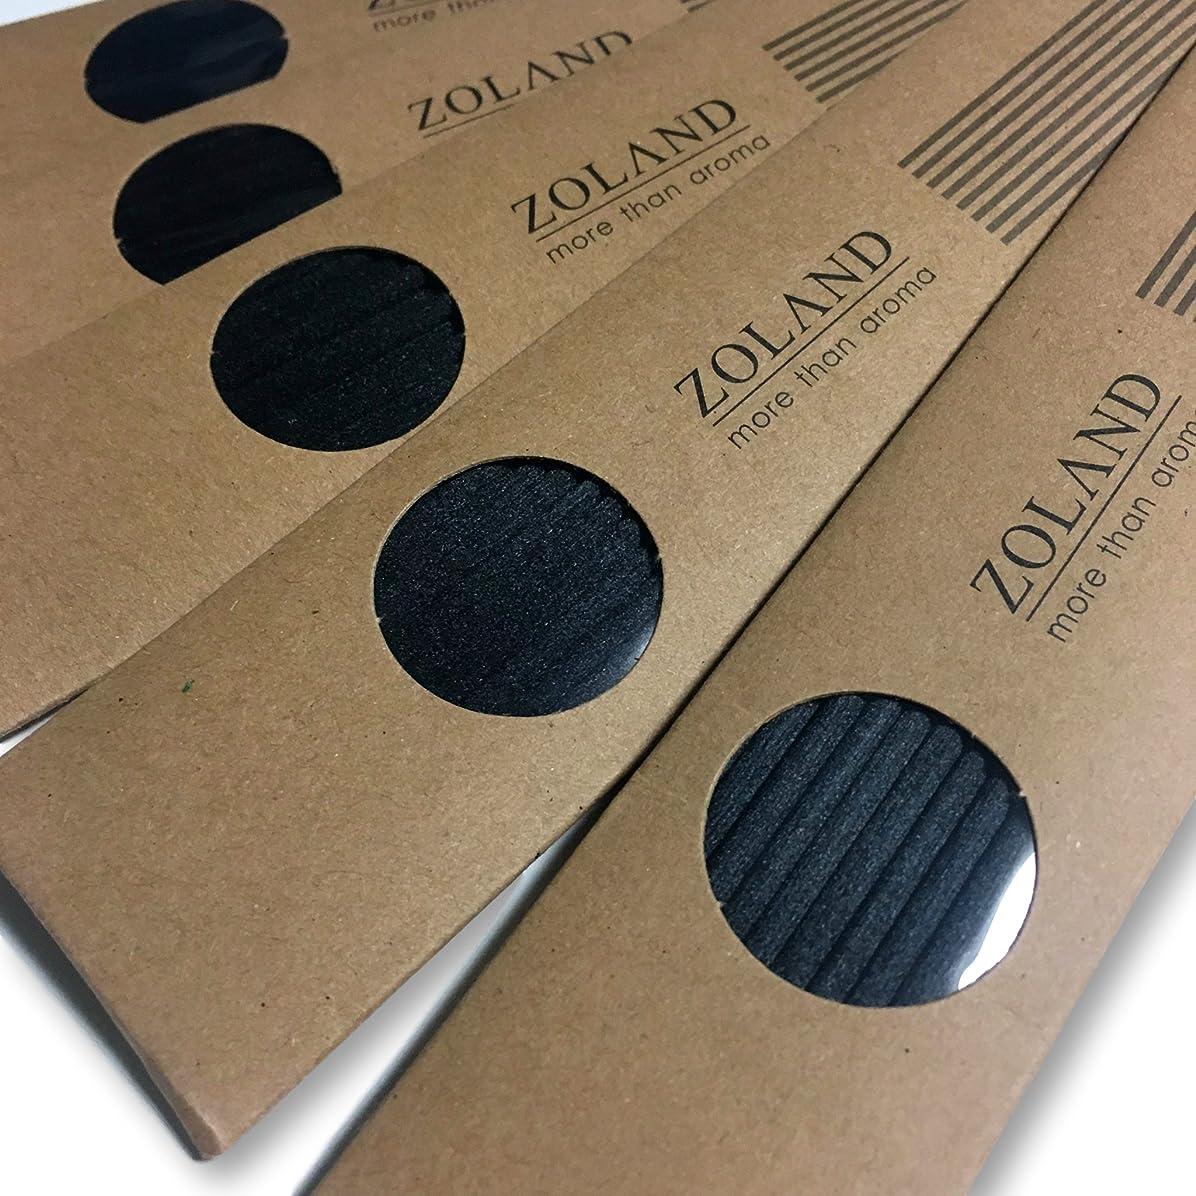 ソース利用可能苦情文句【YOLO】リードディフューザー 用 リフィル スティック/ブラック 24cm×3mm 10本入×5セット (ブラック)